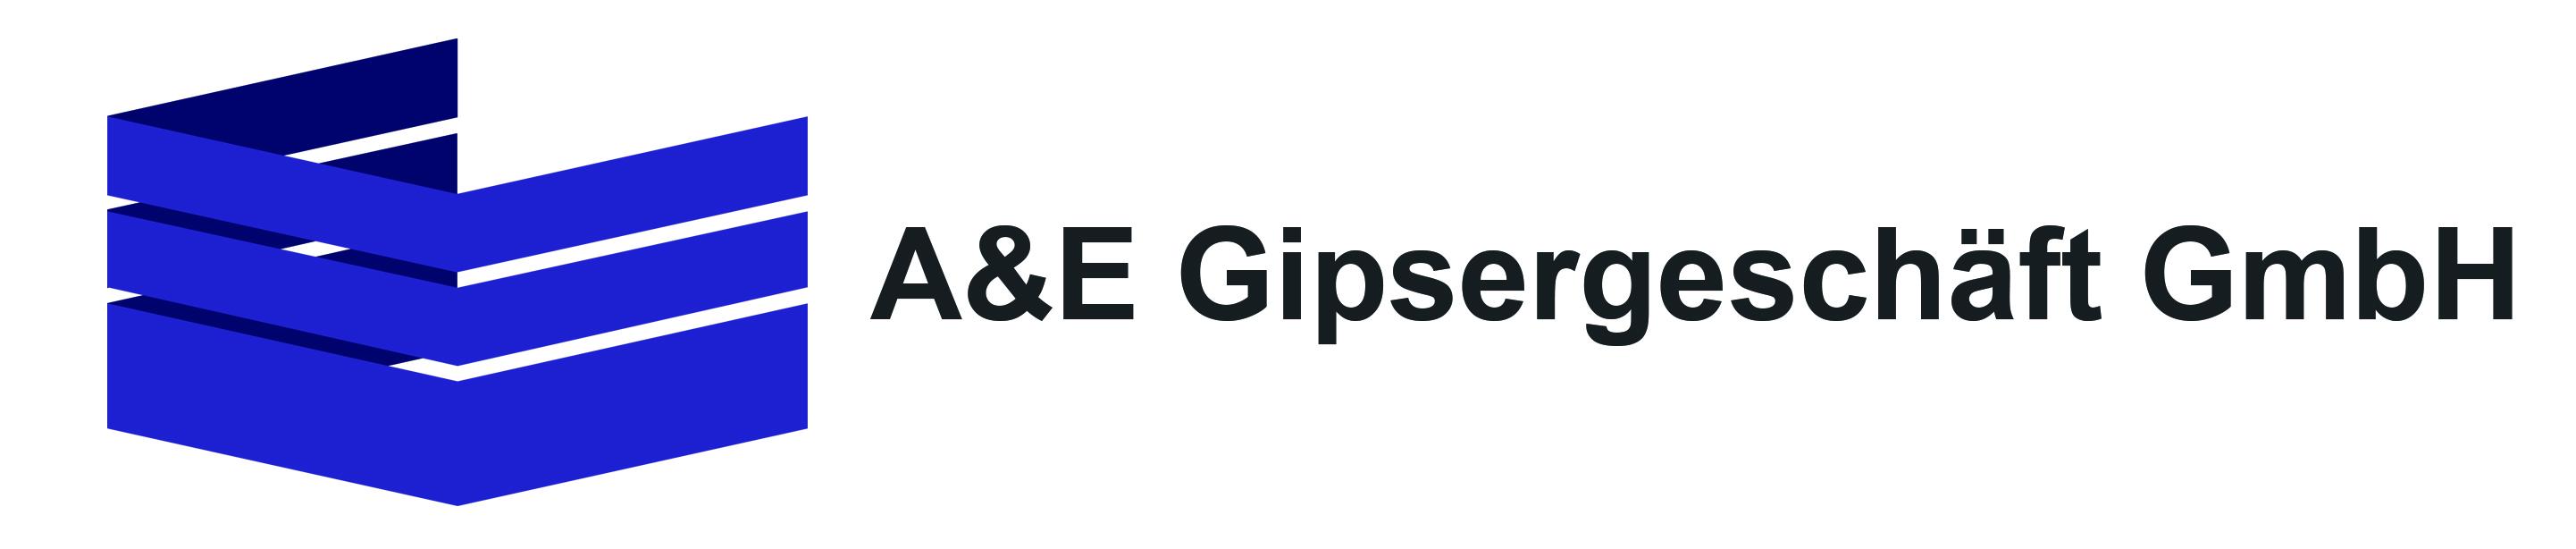 A&E Gipsergeschäft